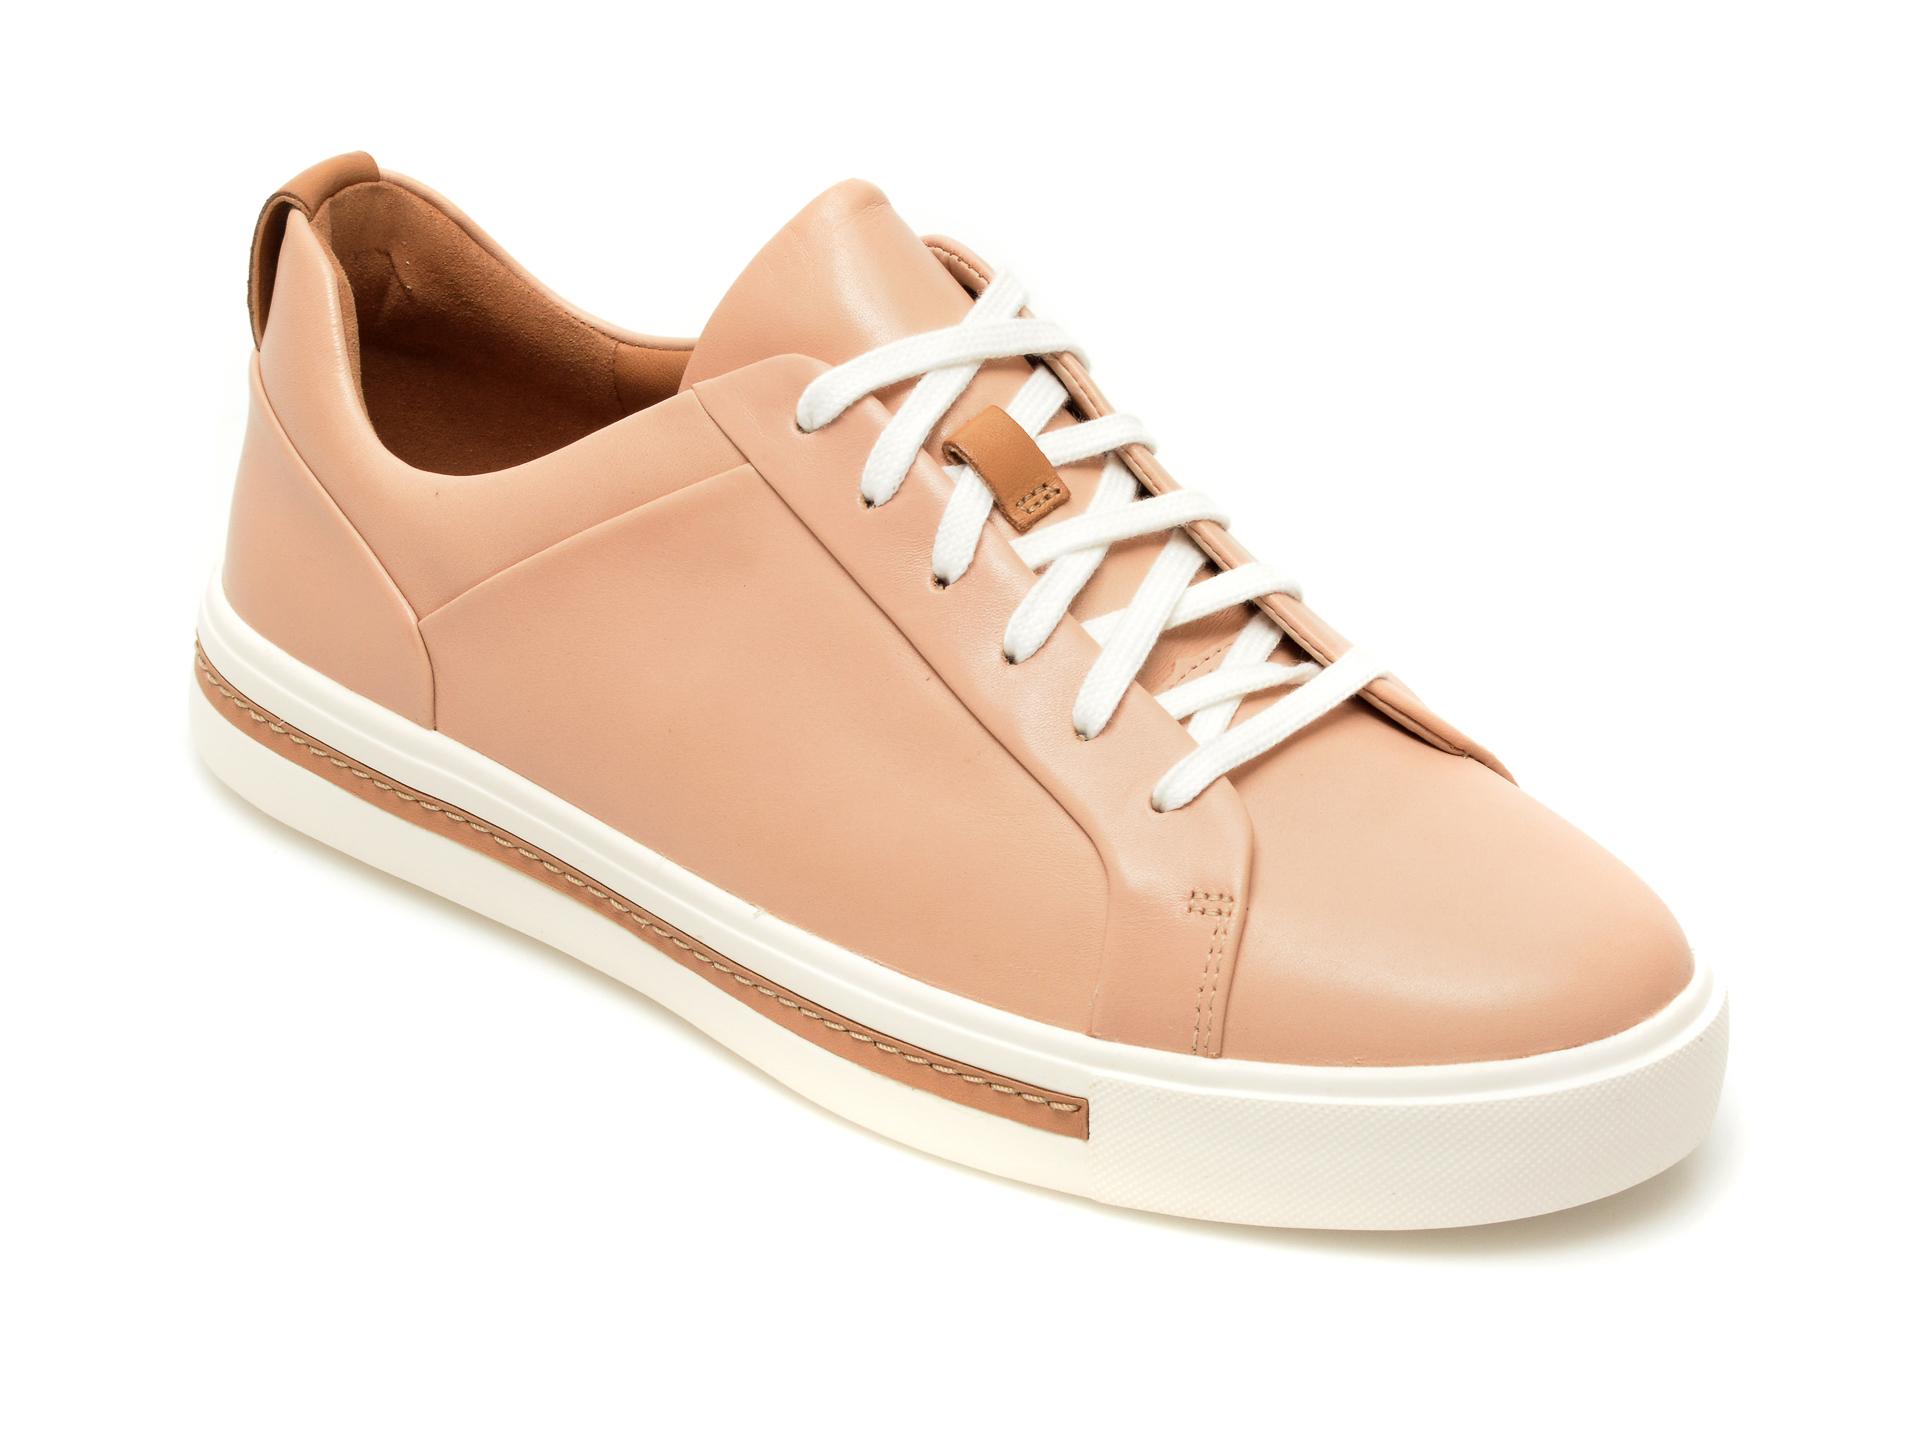 Pantofi CLARKS nude, Kaylin Cara, din piele naturala lacuita